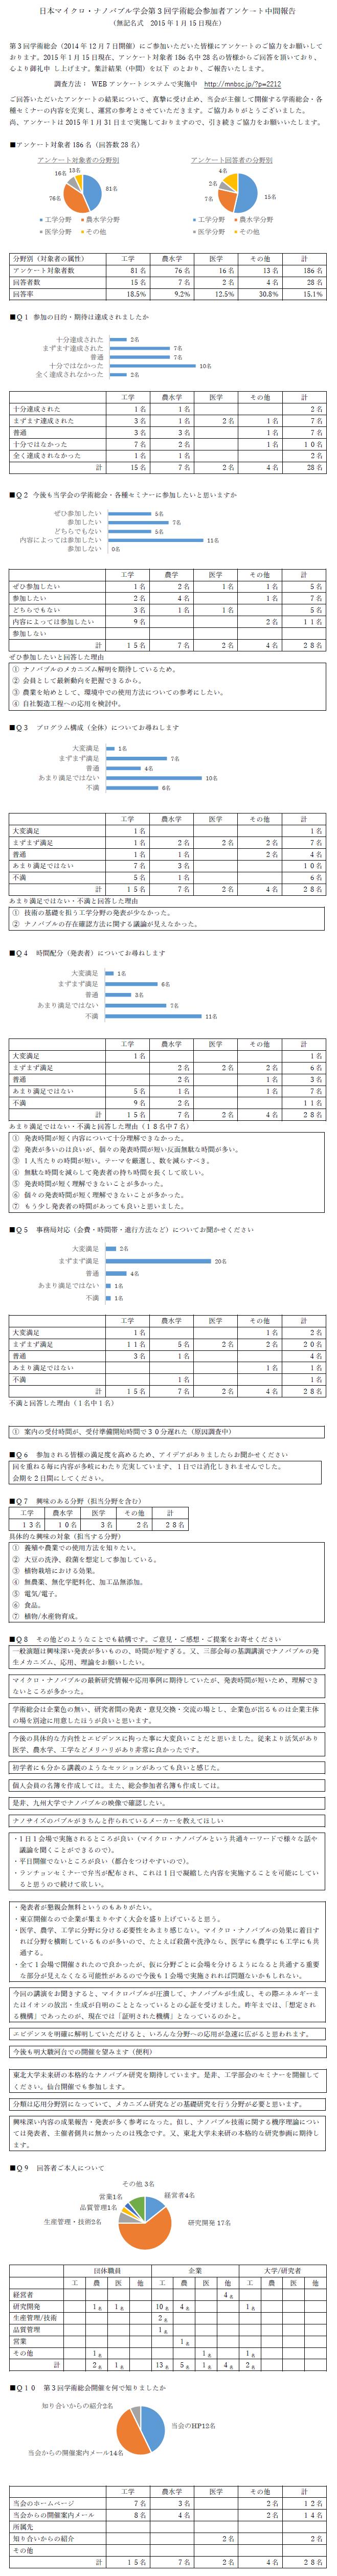 survey20150116